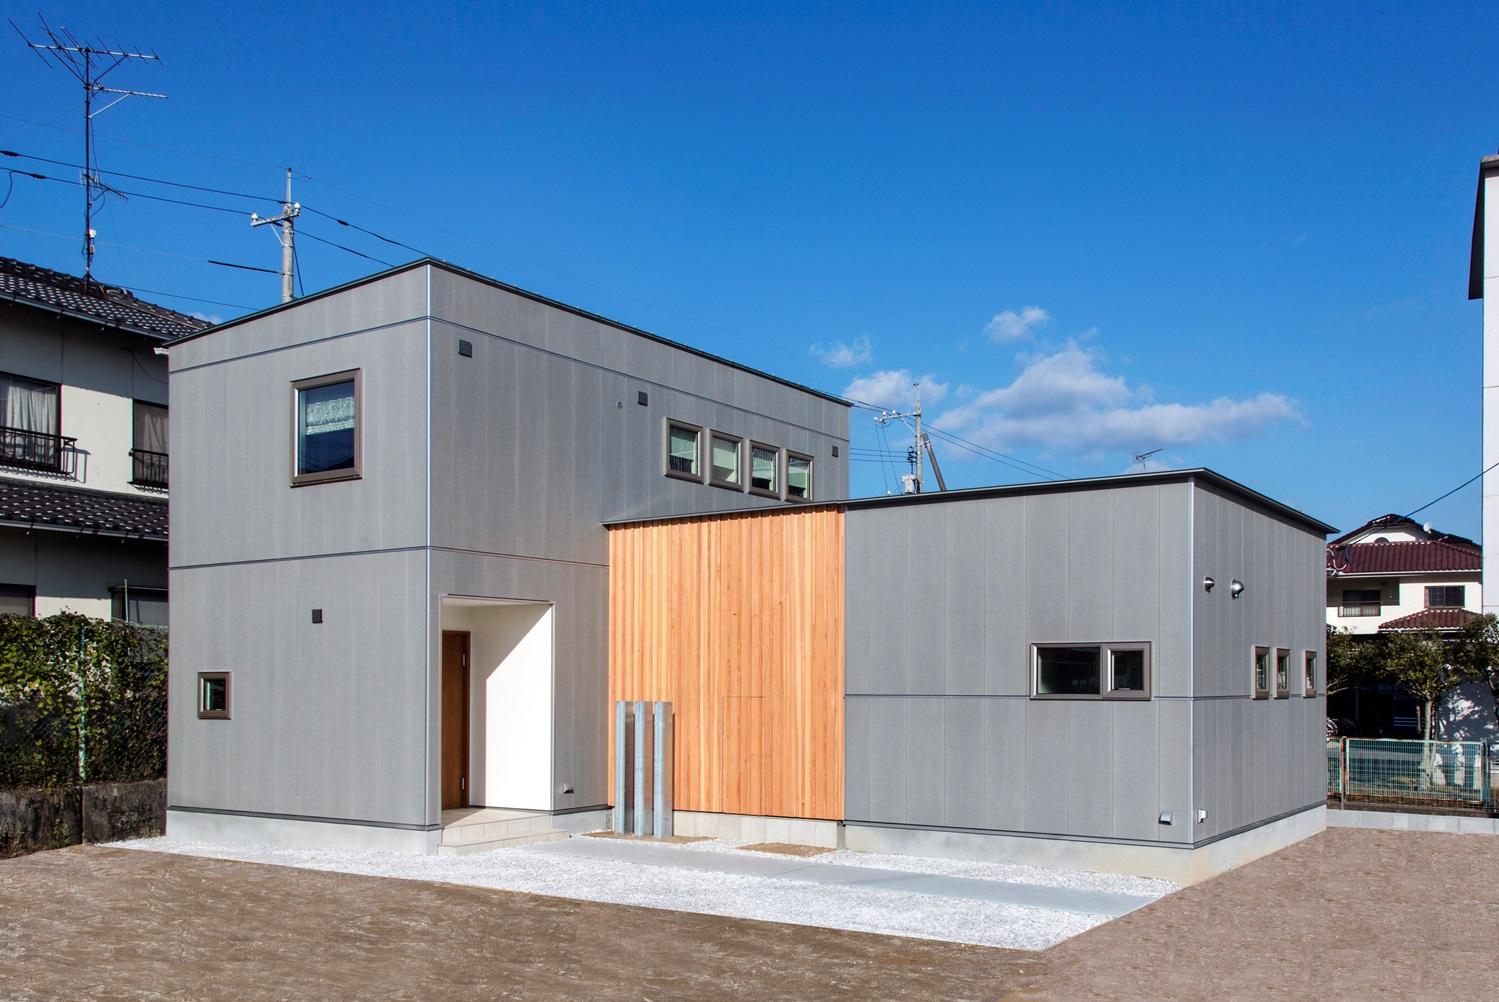 安本建設株式会社『R+house iwakuni モデルハウス』